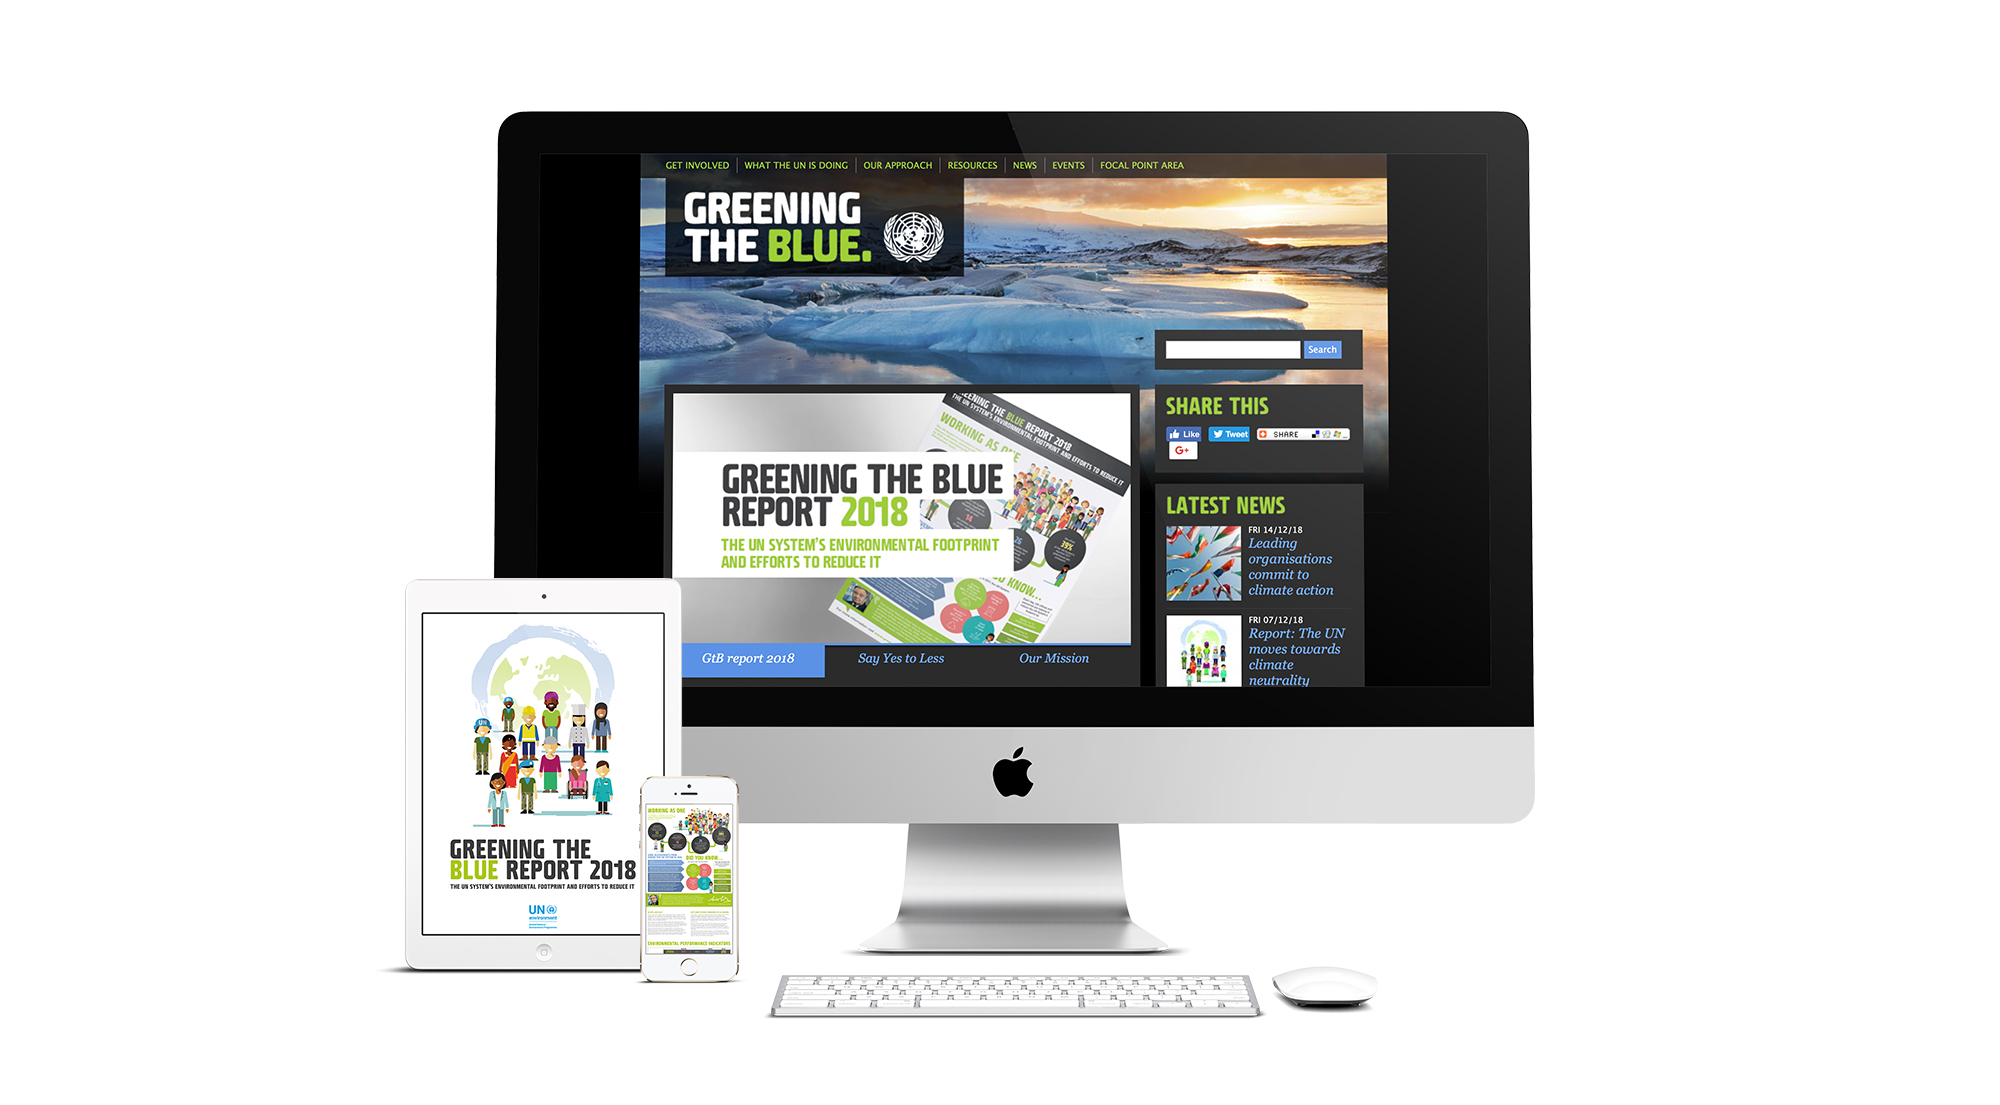 GTB_website.jpg